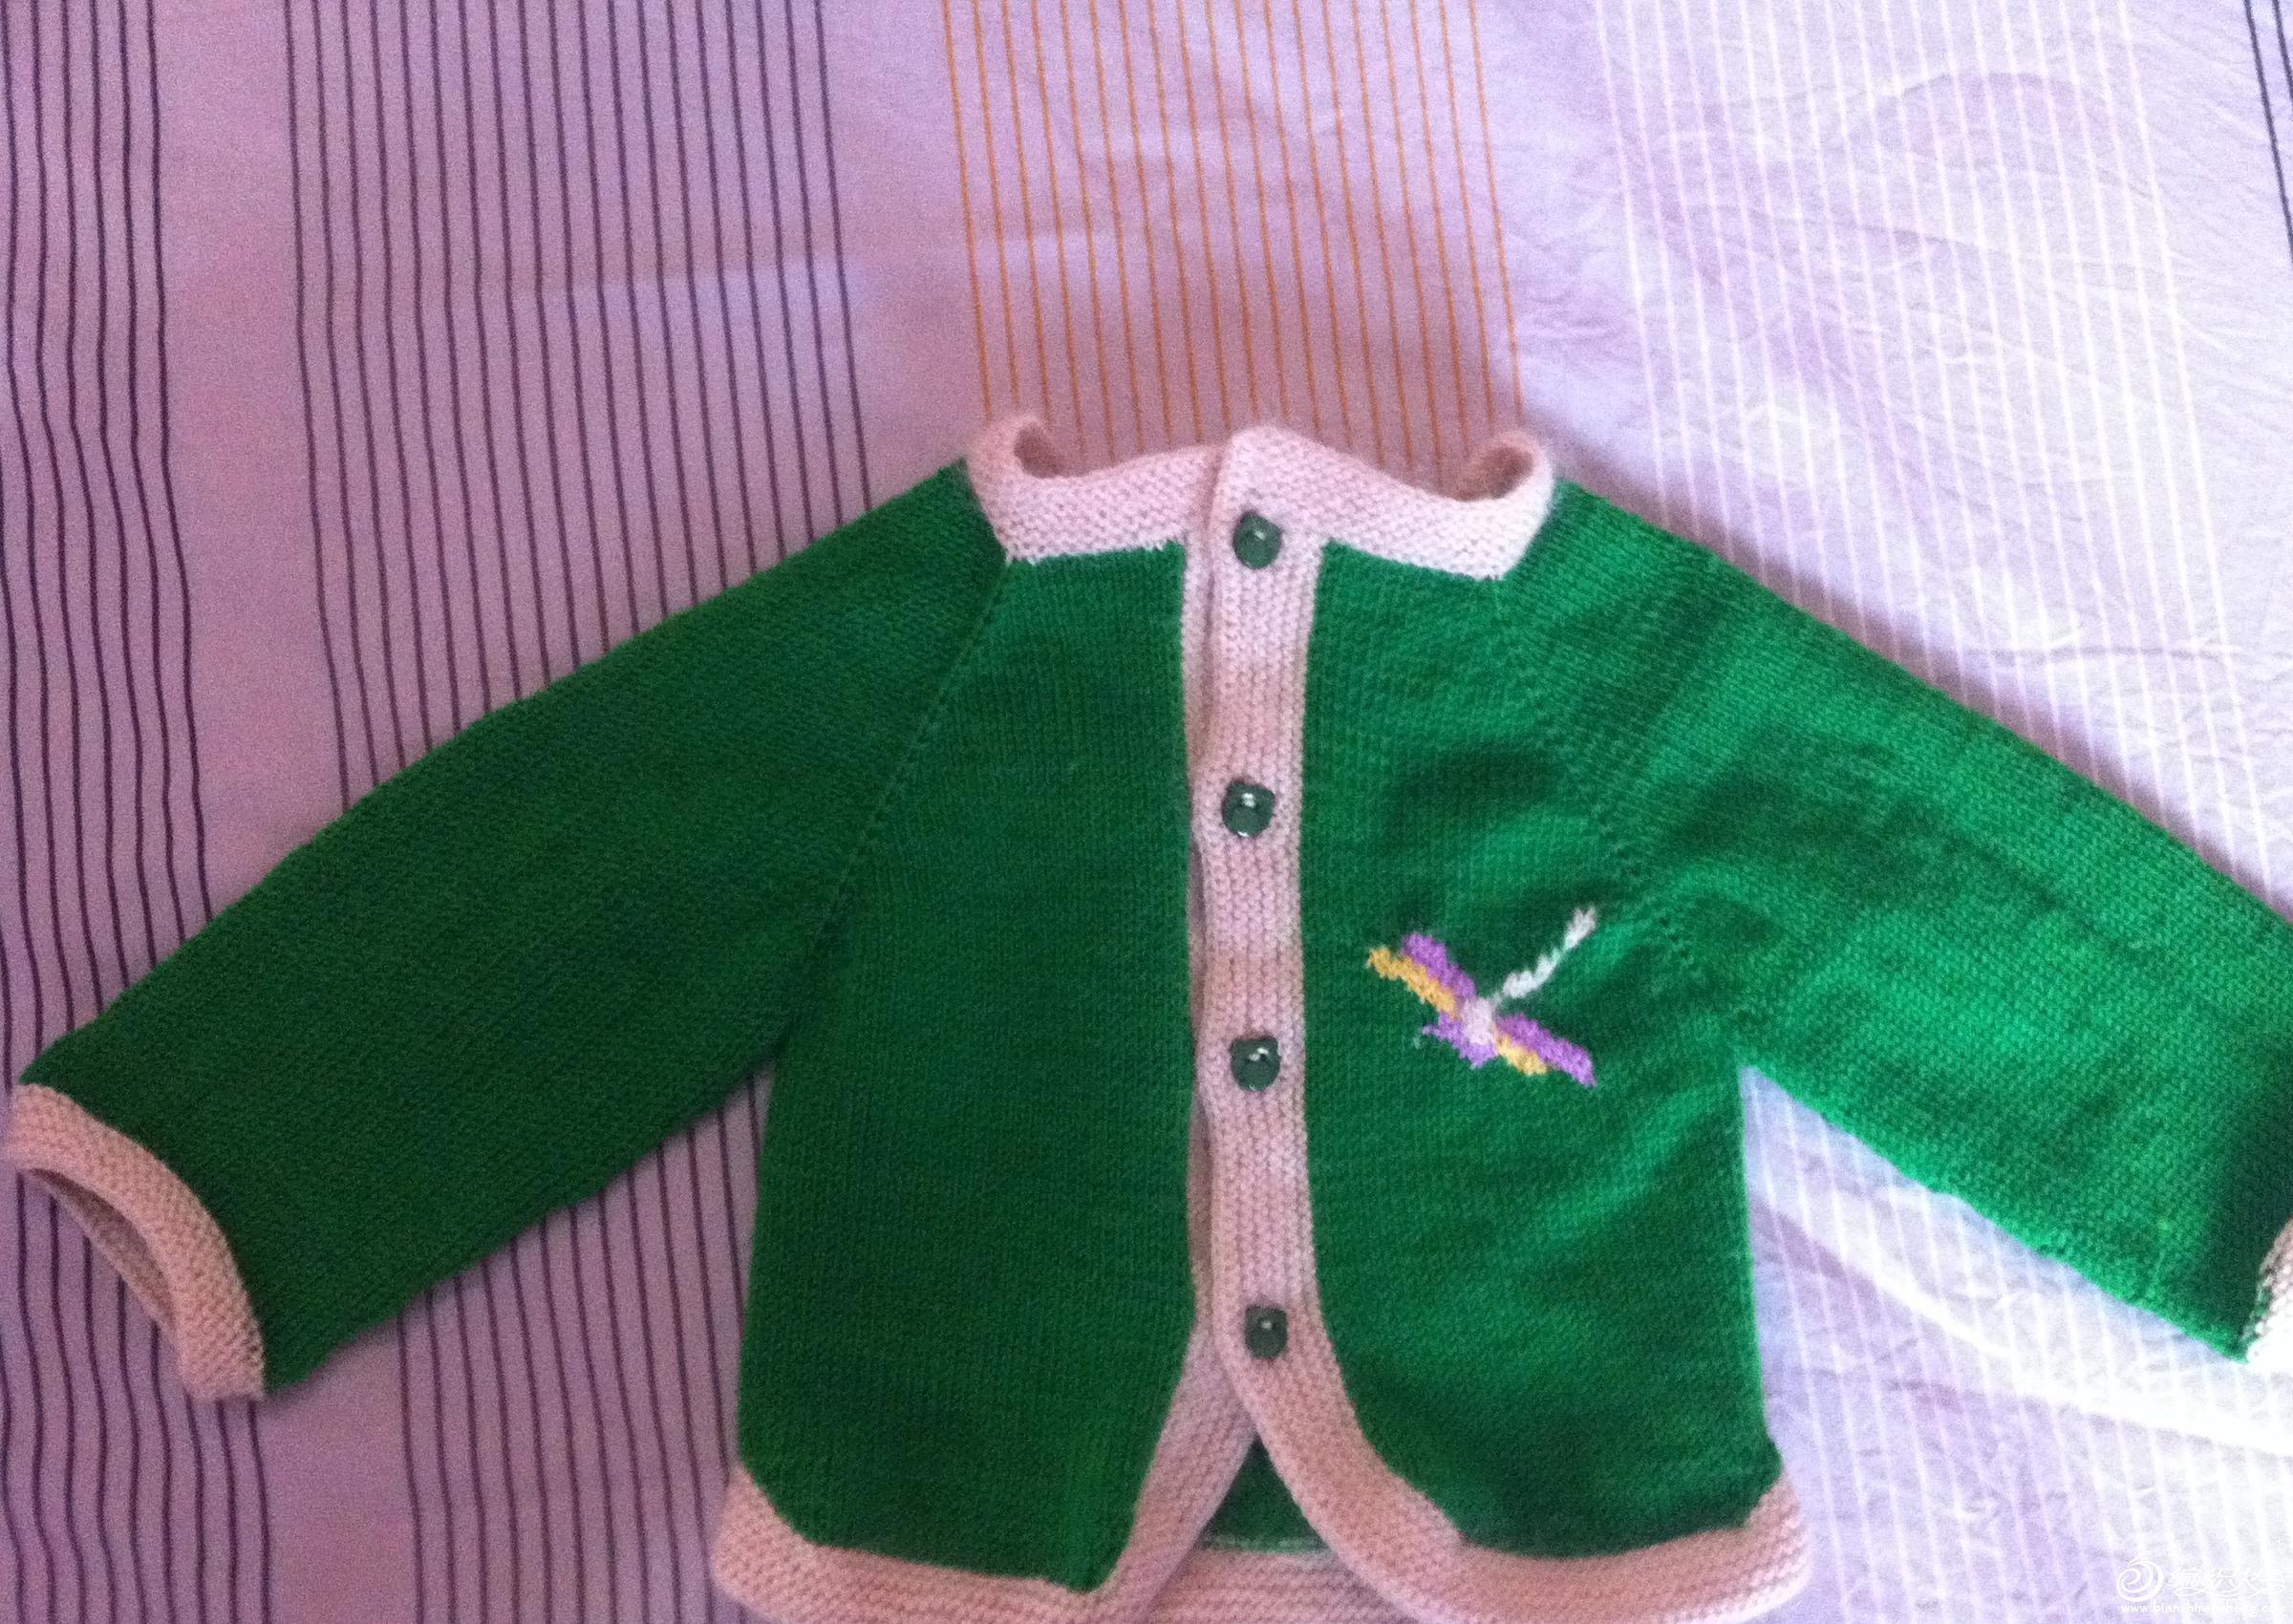 绿衣白边小外套.jpg